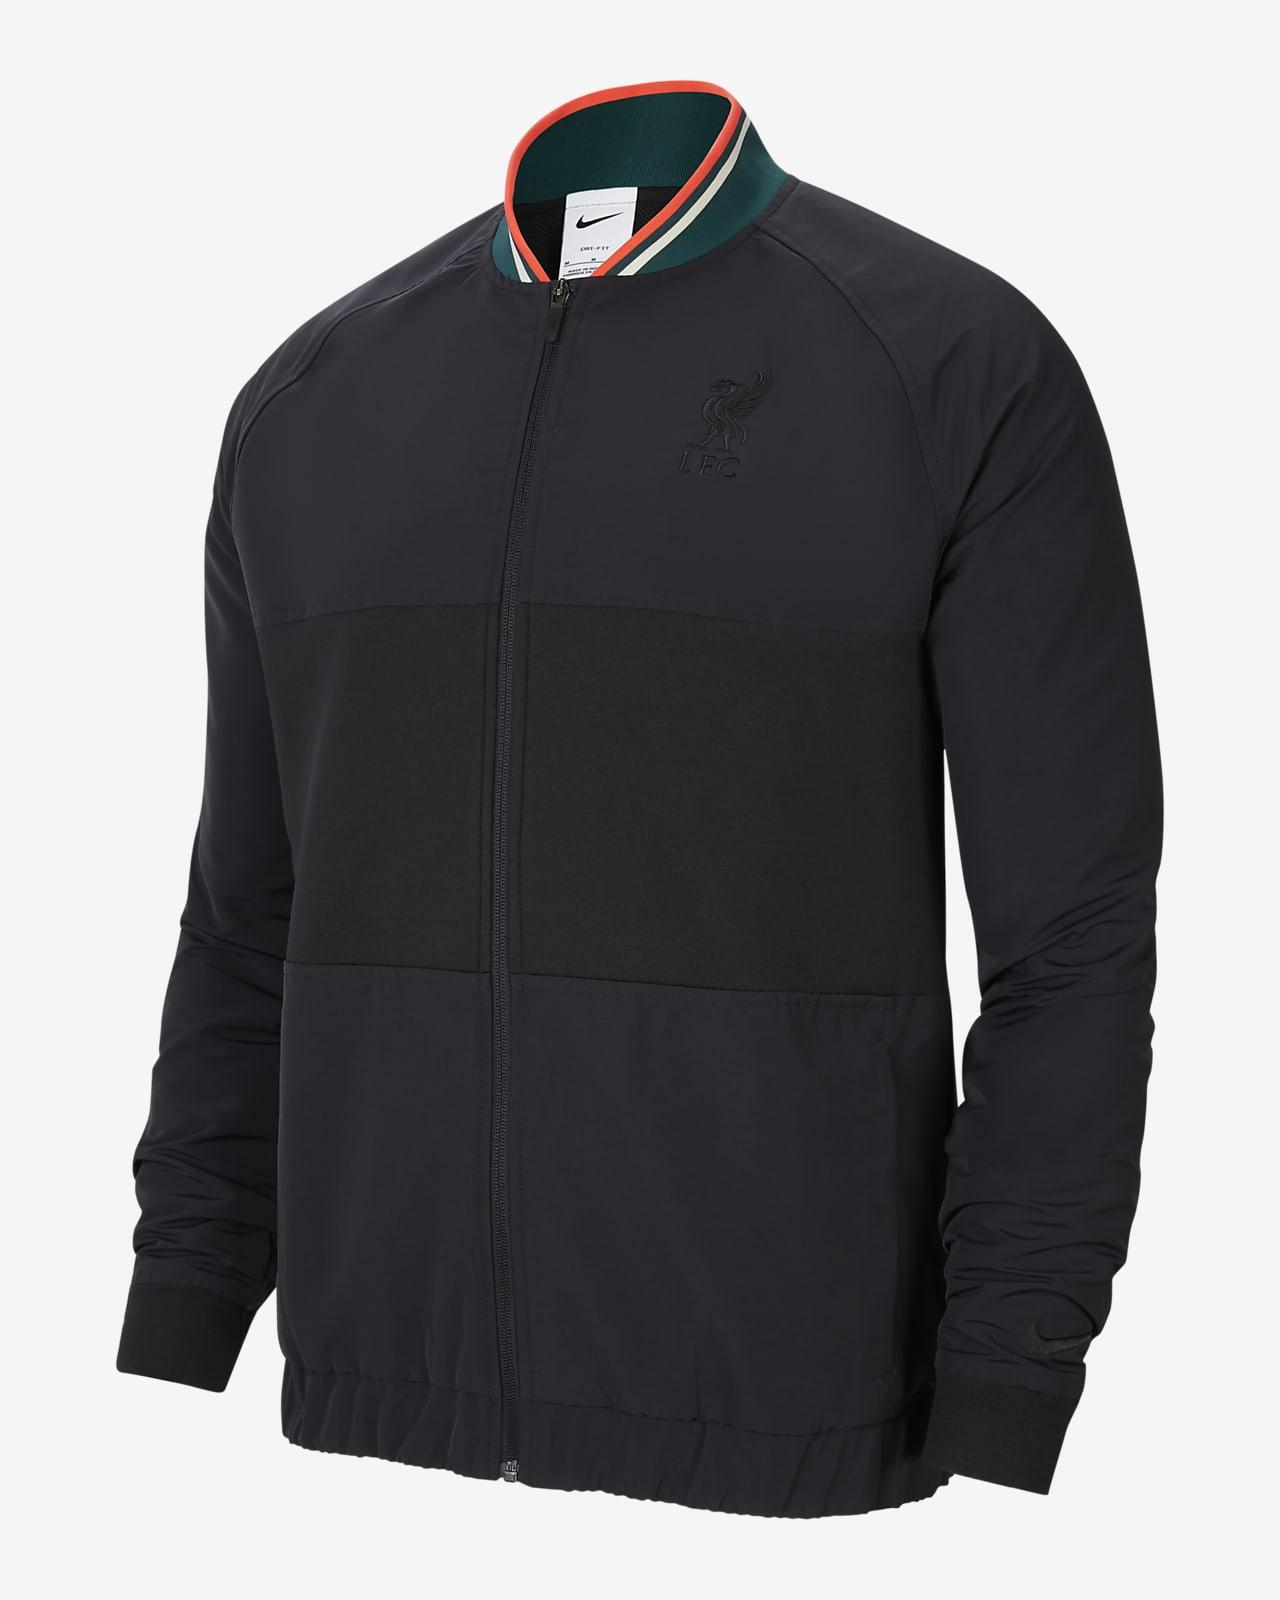 Liverpool F.C. Men's Nike Dri-FIT Full-Zip Football Jacket